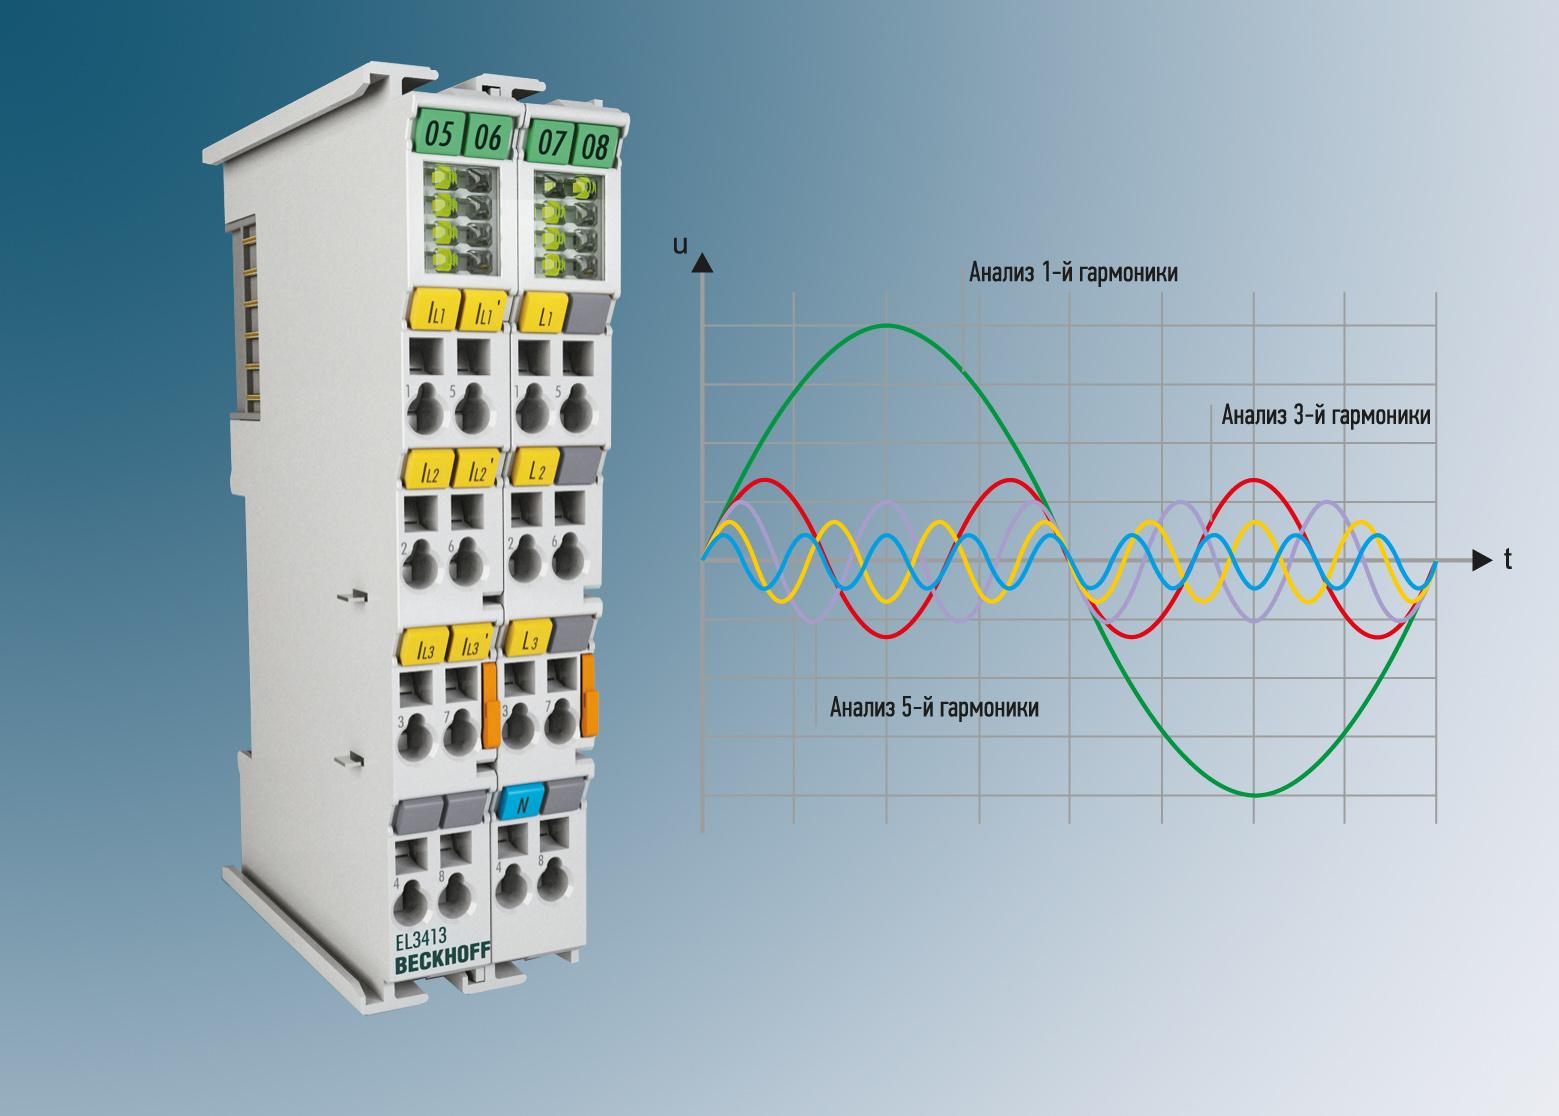 Компактные трехфазные терминалы ввода/вывода от Beckhoff Automation могут использоваться для измерения мощности, гармоник, суммарного коэффициента нелинейных искажений (THD), частоты и коэффициента мощности